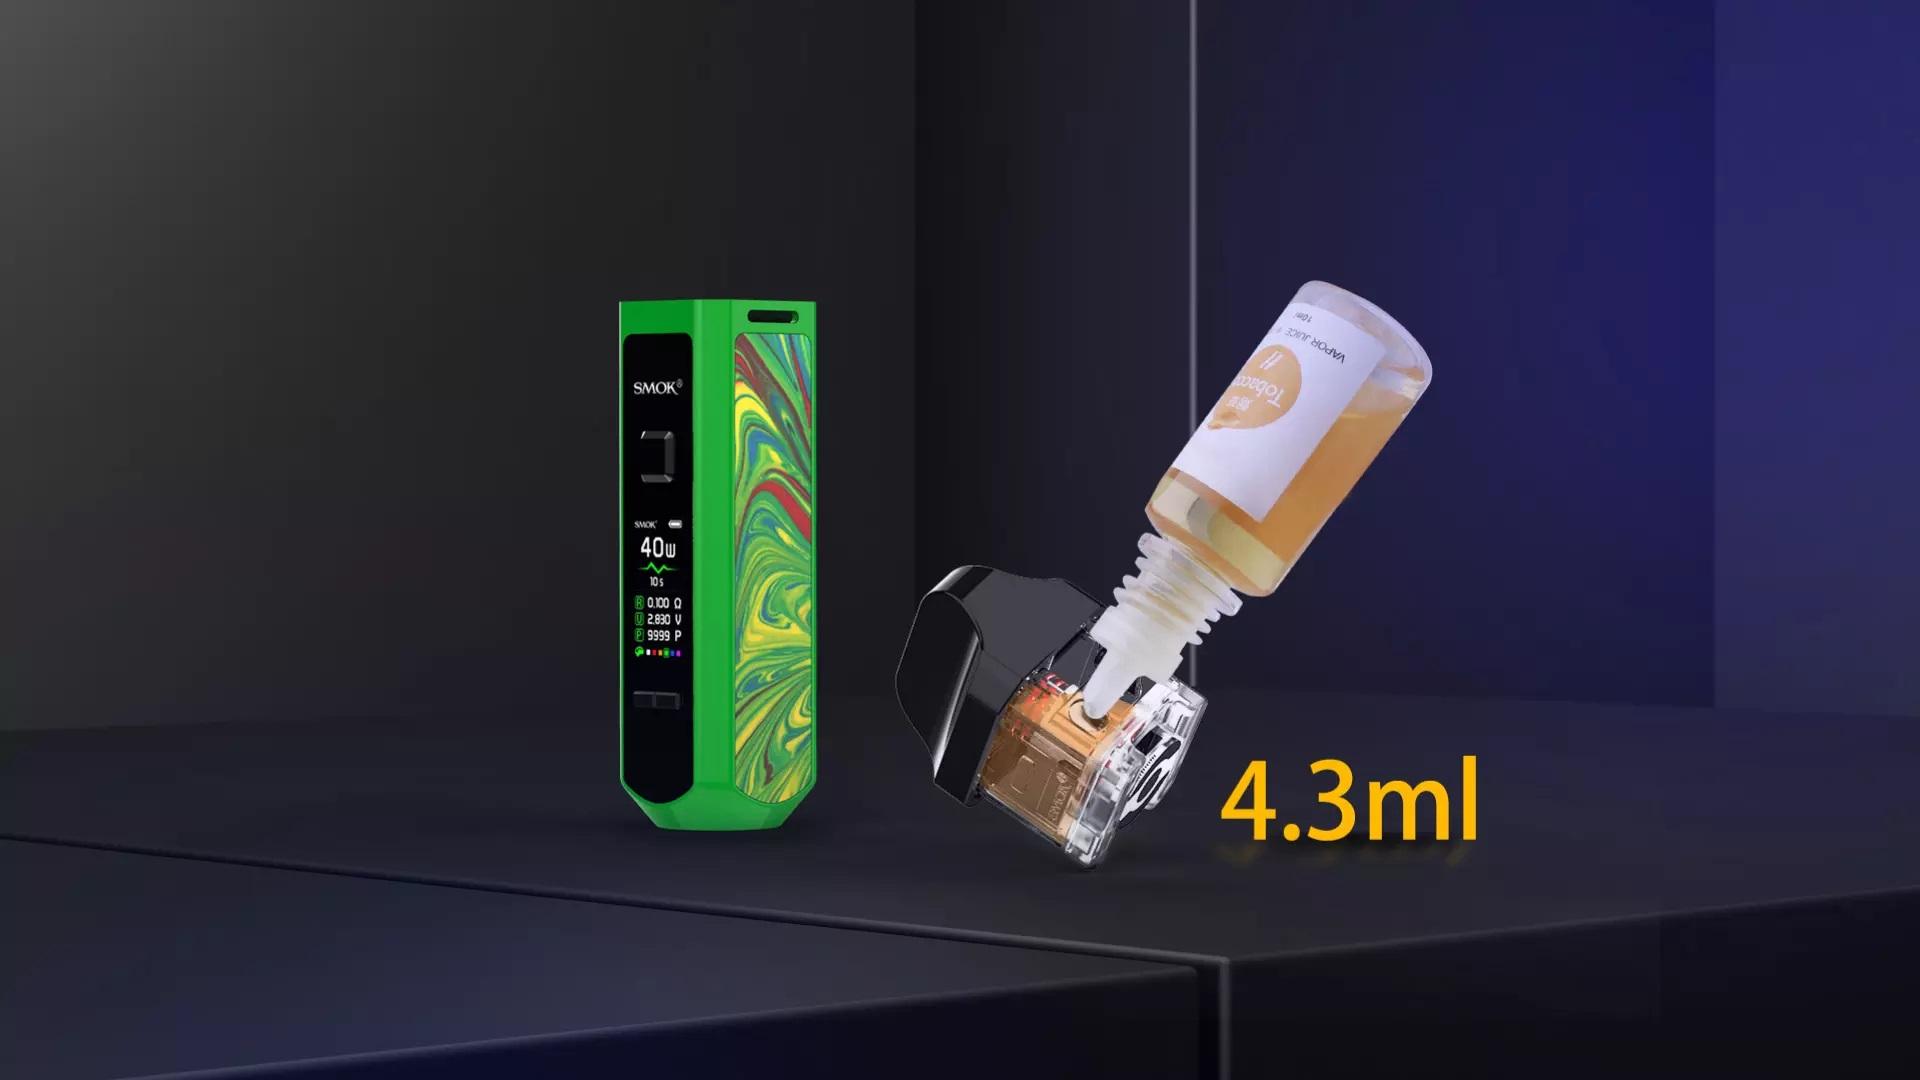 вейп устройство SMOK RPM 40 Pod Kit